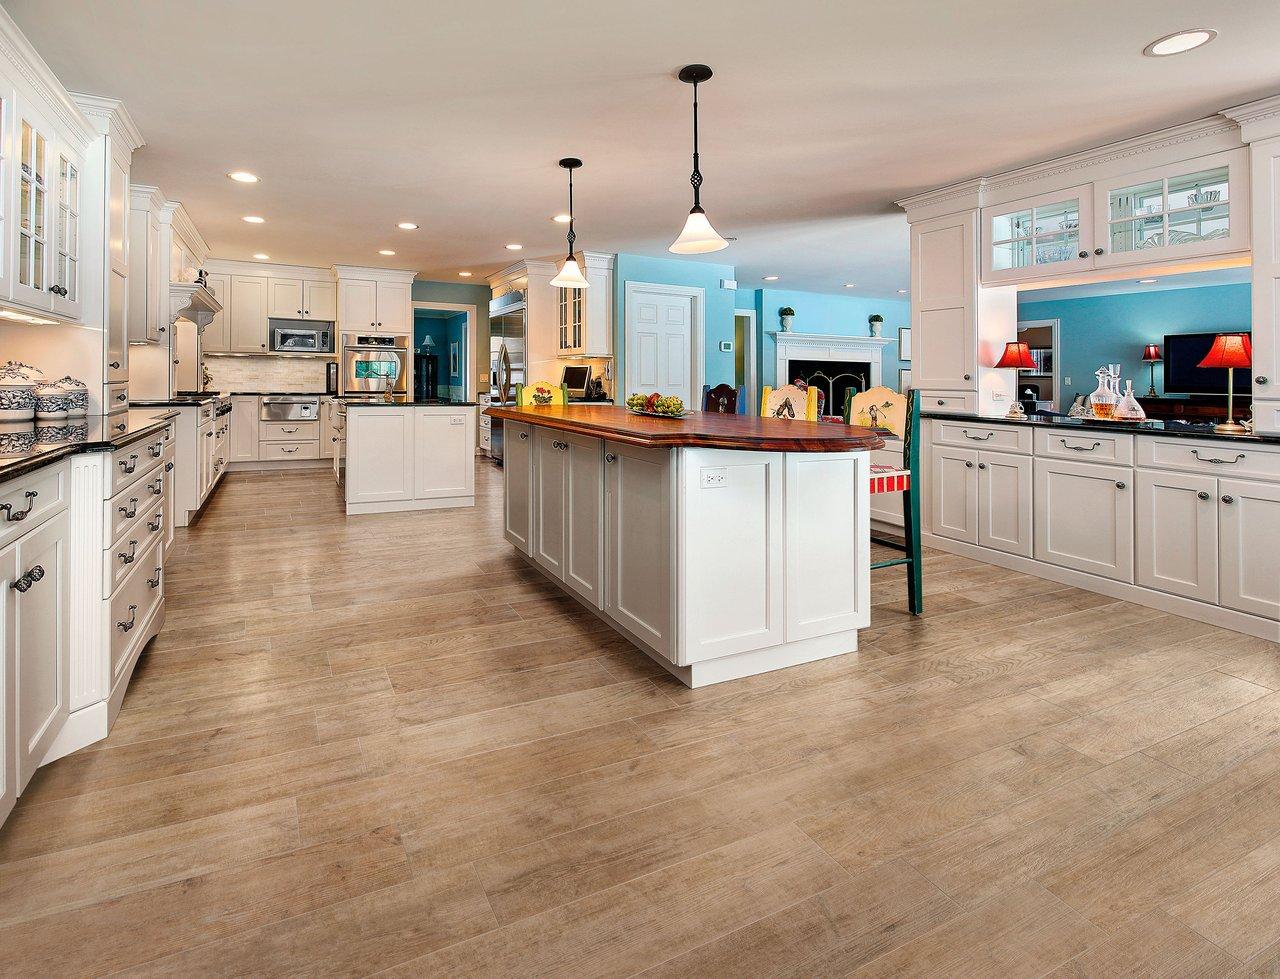 ASPEN_Kitchen_Natural.jpg.1280x1024_q85.